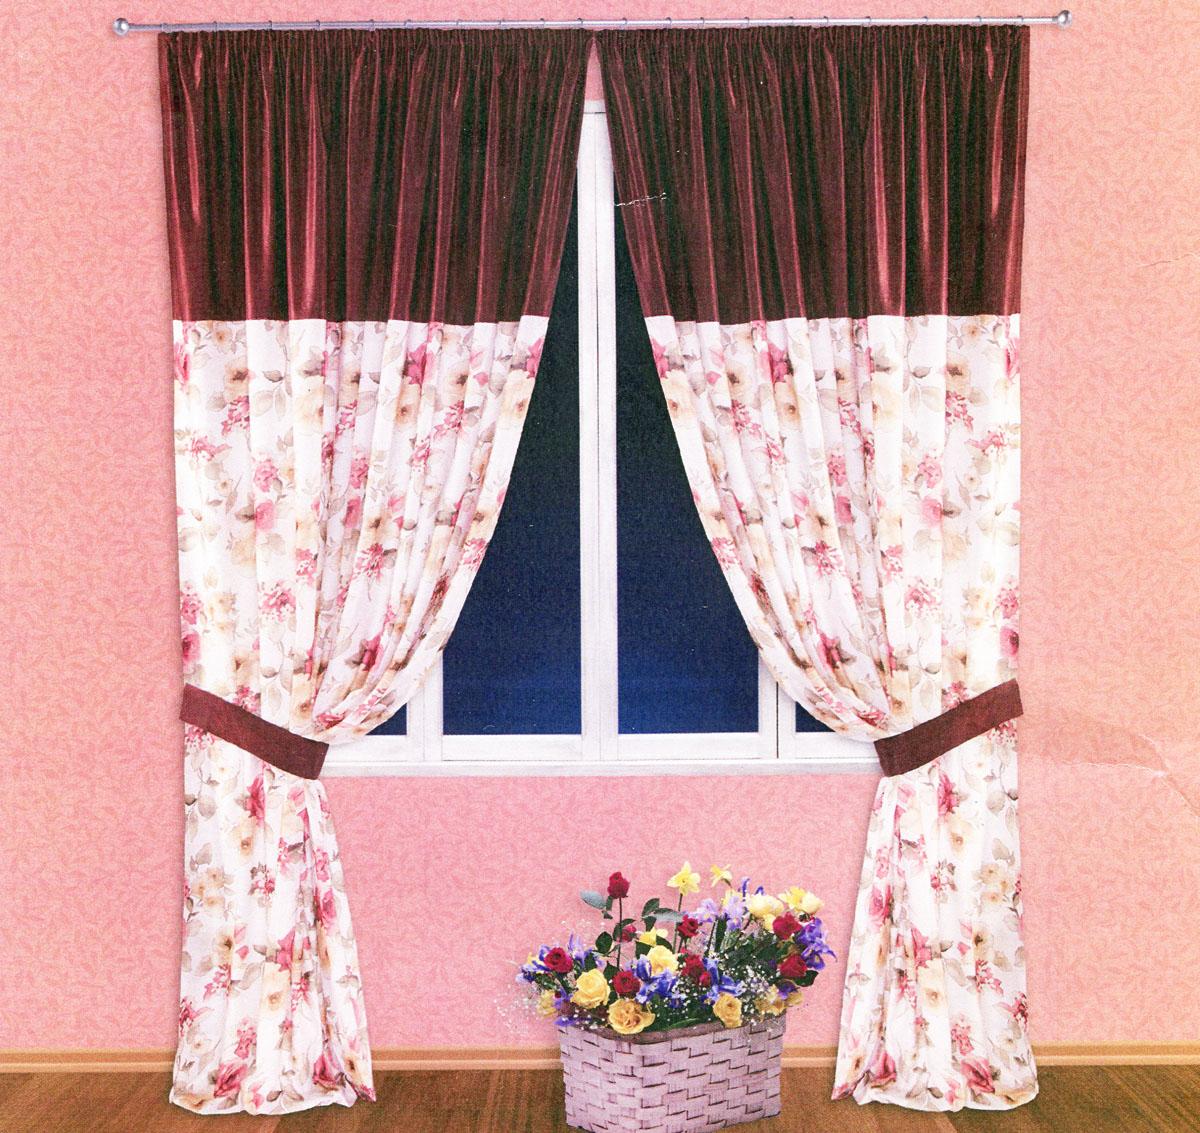 Комплект штор Zlata Korunka, на ленте, цвет: бордовый, высота 250 см. 55521SVC-300Роскошный комплект тюлевых штор Zlata Korunka, выполненный из сатина (100% полиэстера), великолепно украсит любое окно. Комплект состоит из двух портьер и двух подхватов. Плотная ткань, цветочный принт и приятная, приглушенная гамма привлекут к себе внимание и органично впишутся в интерьер помещения. Комплект крепится на карниз при помощи шторной ленты, которая поможет красиво и равномерно задрапировать верх. Портьеры можно зафиксировать в одном положении с помощью двух подхватов. Этот комплект будет долгое время радовать вас и вашу семью! В комплект входит: Портьера: 2 шт. Размер (ШхВ): 200 см х 250 см. Подхват: 2 шт. Размер (ШхВ): 60 см х 10 см.